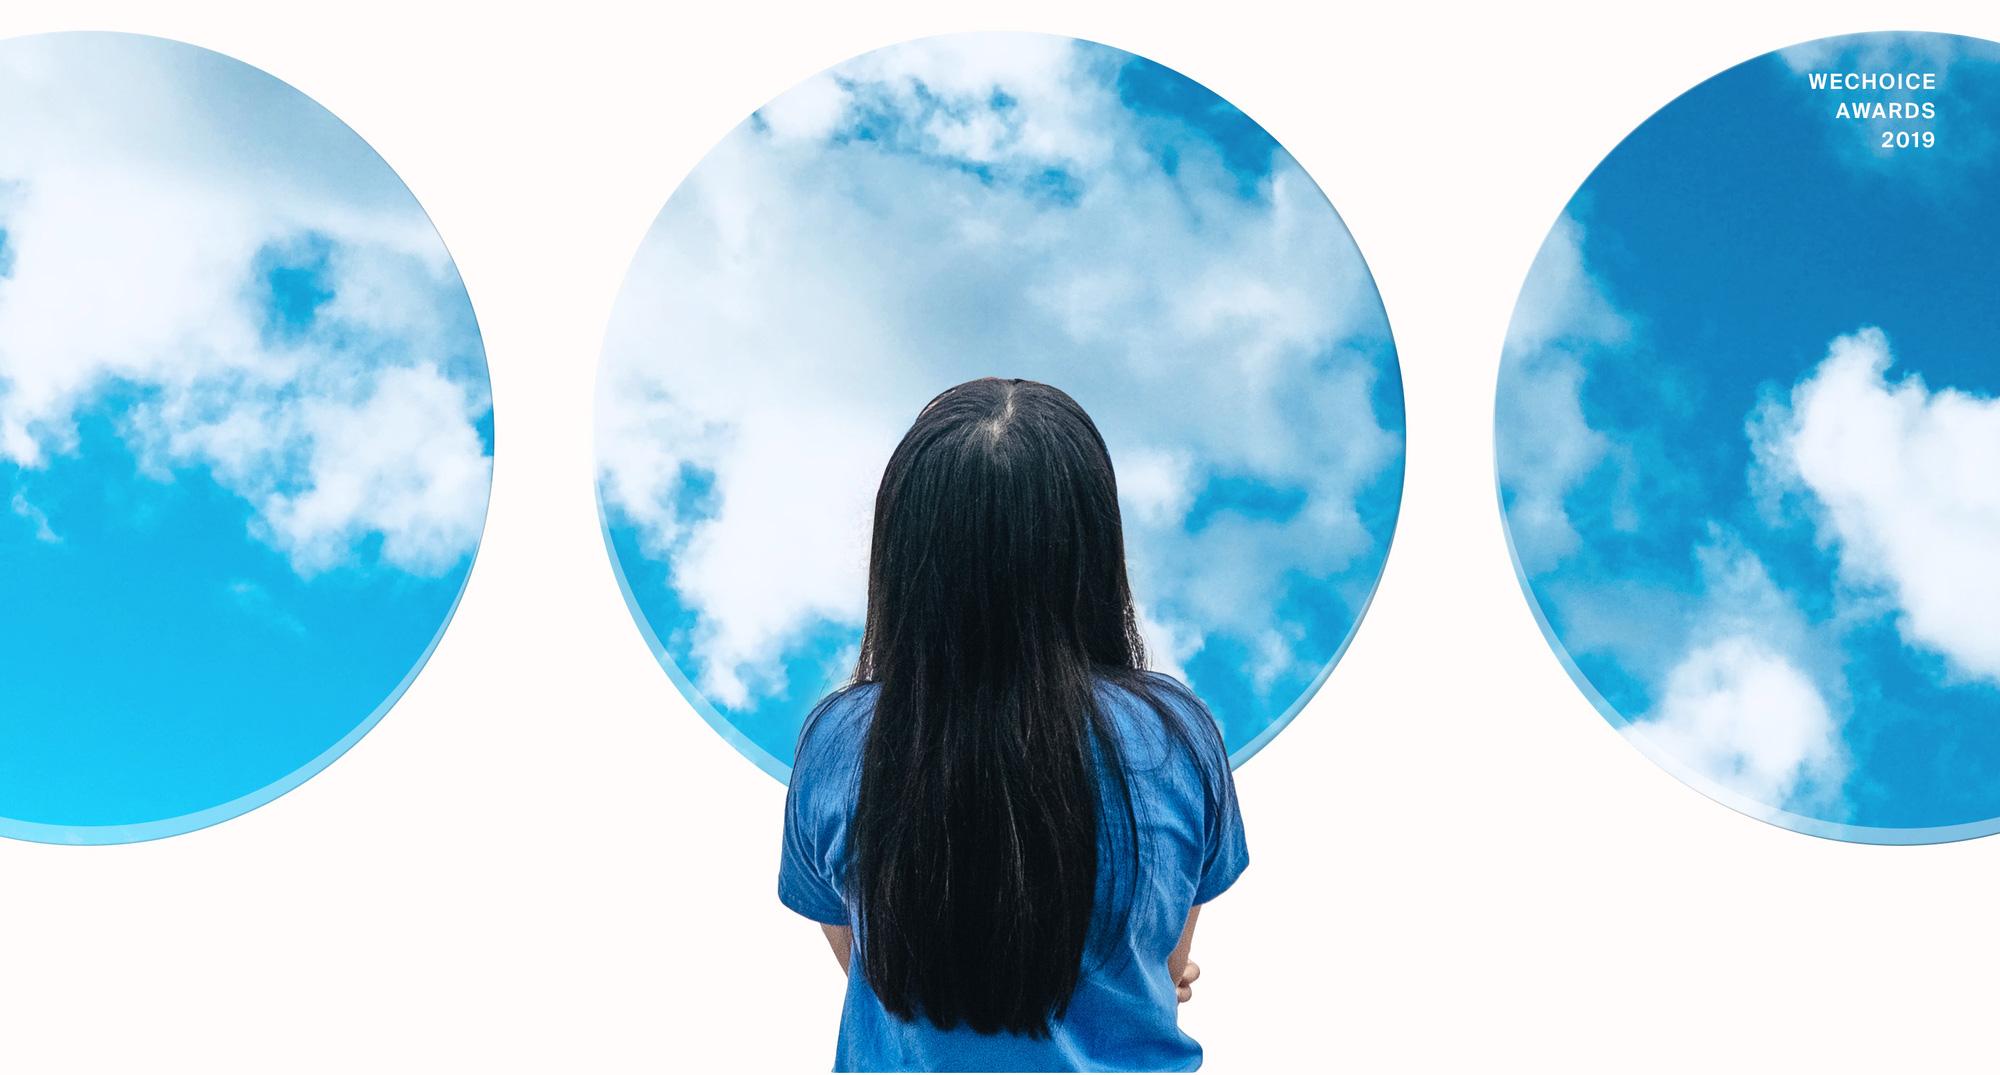 Cuộc sống của em bé Hà Nội sau bức thư kêu gọi khai giảng không bóng bay: Chỉ mong Nguyệt Linh không phải chịu những áp lực vô hình - Ảnh 4.